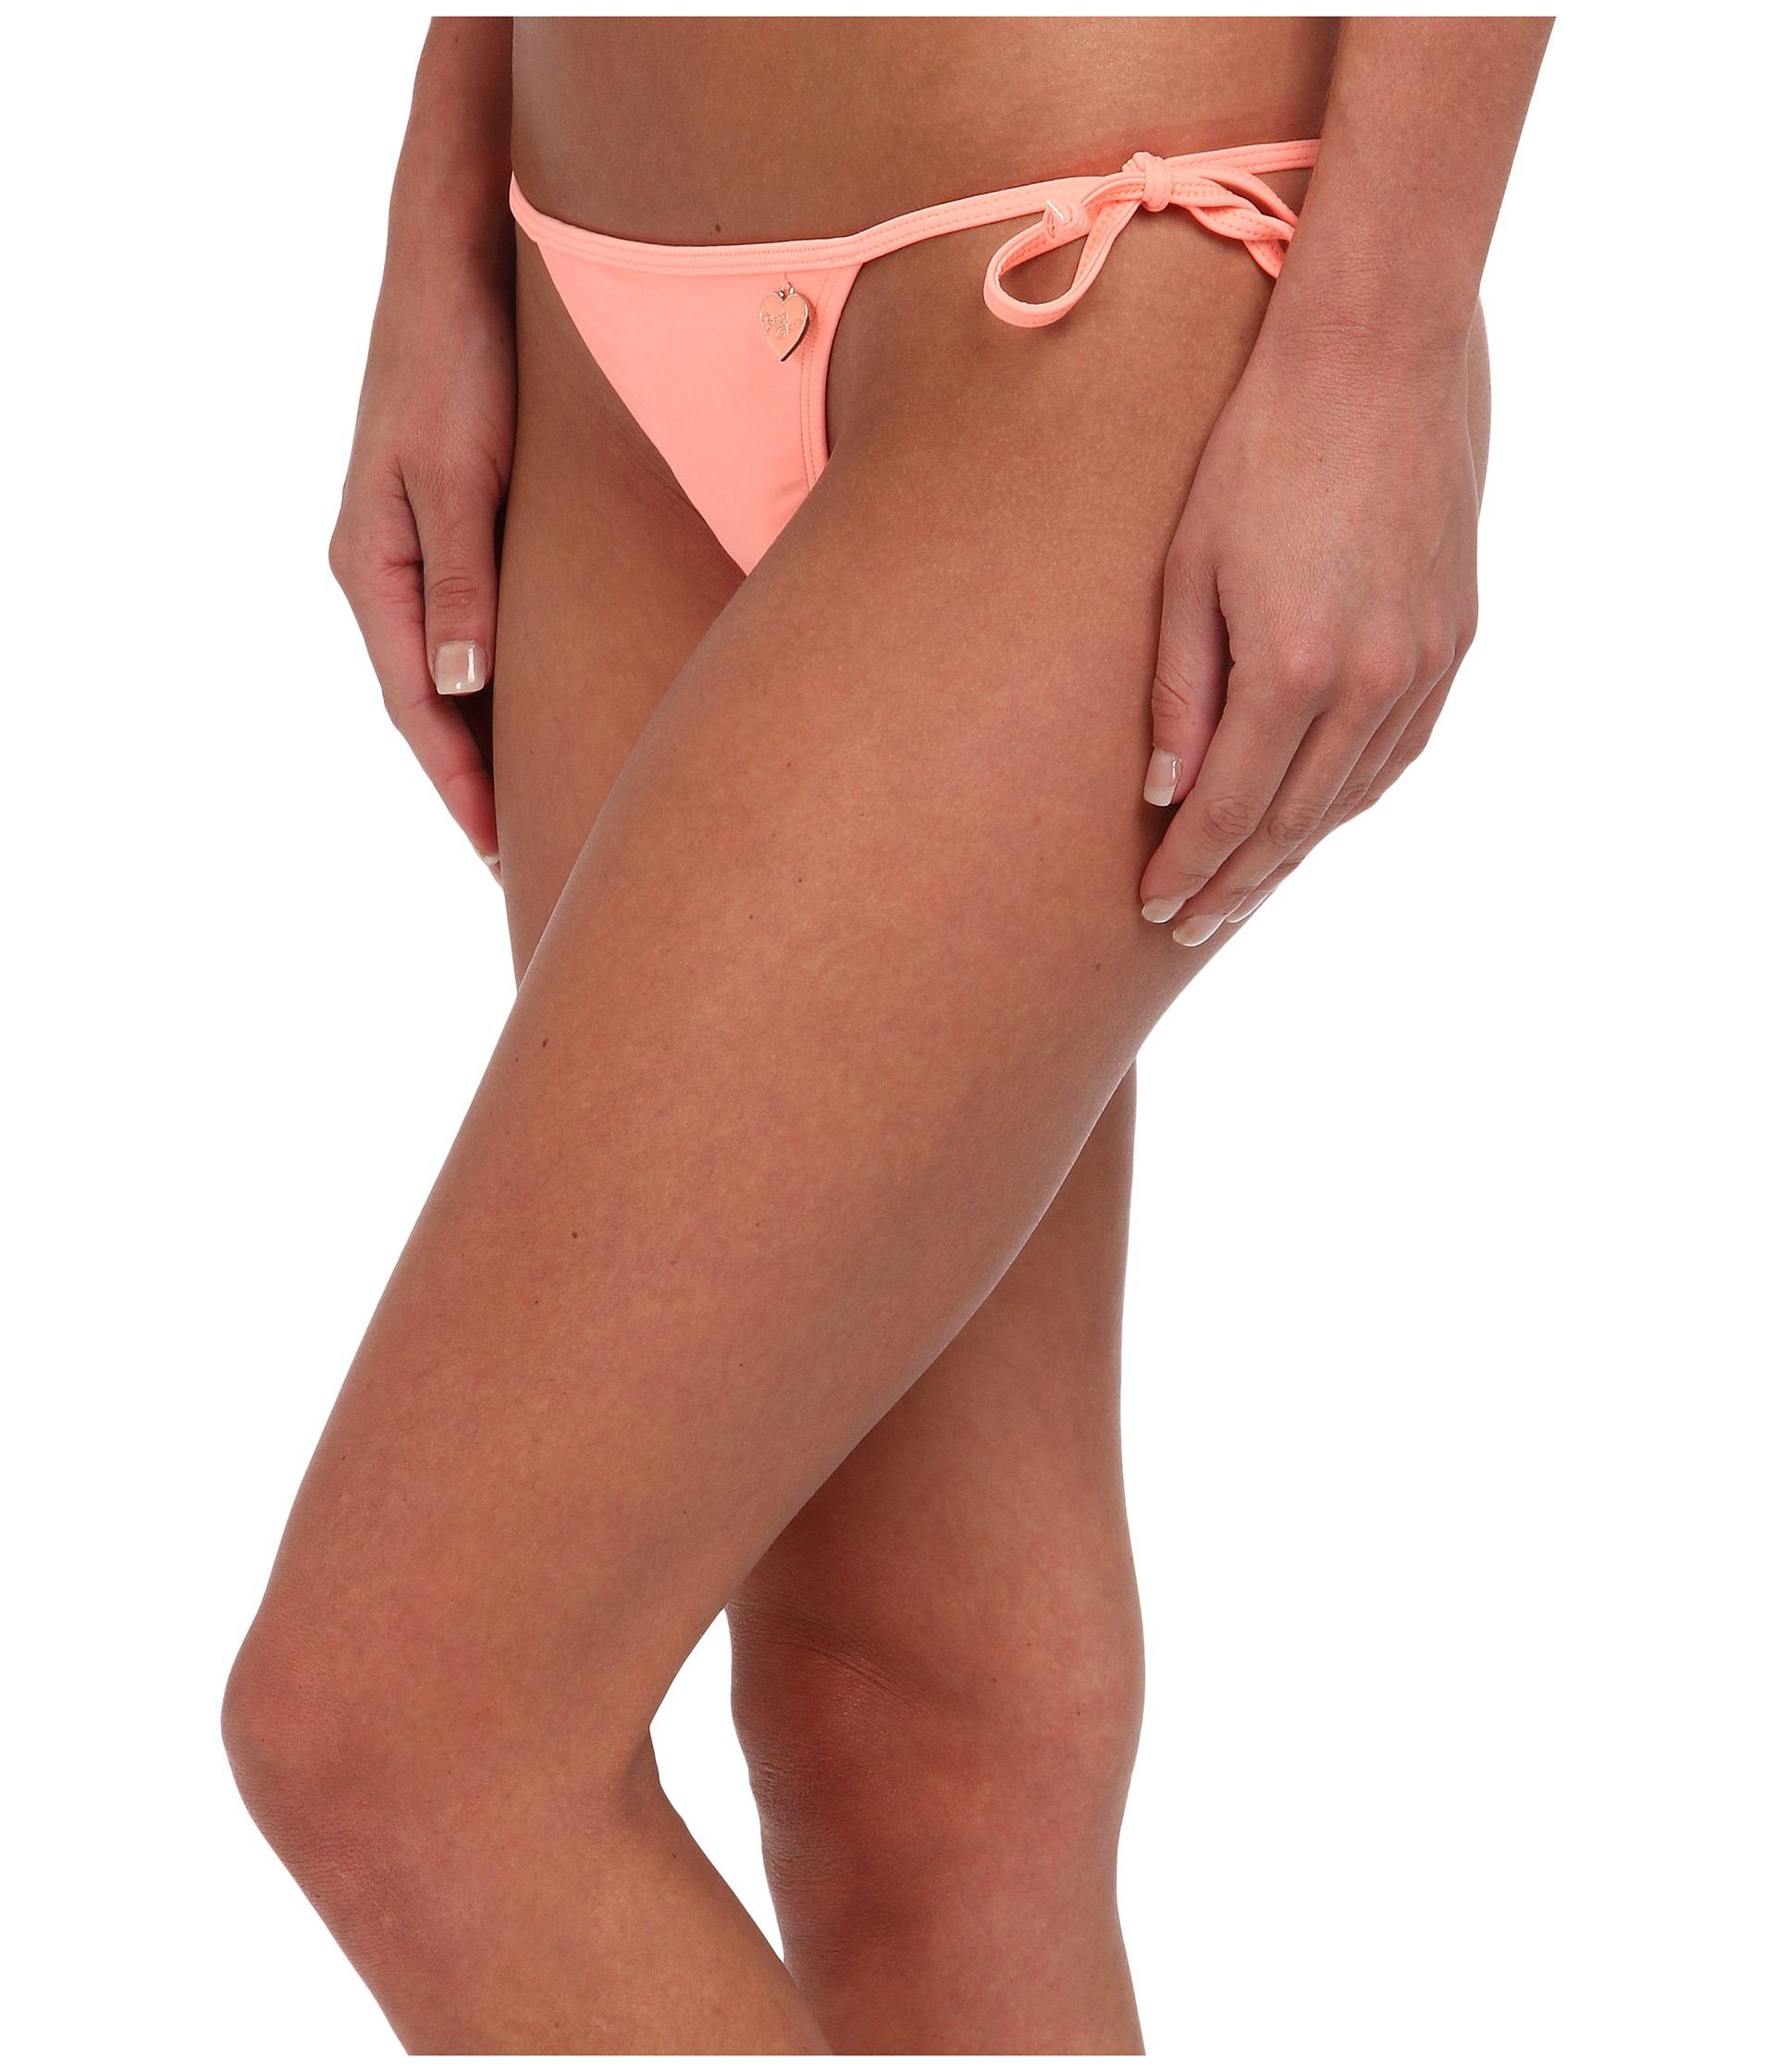 The bikini side thong tie Thats beautiful ass